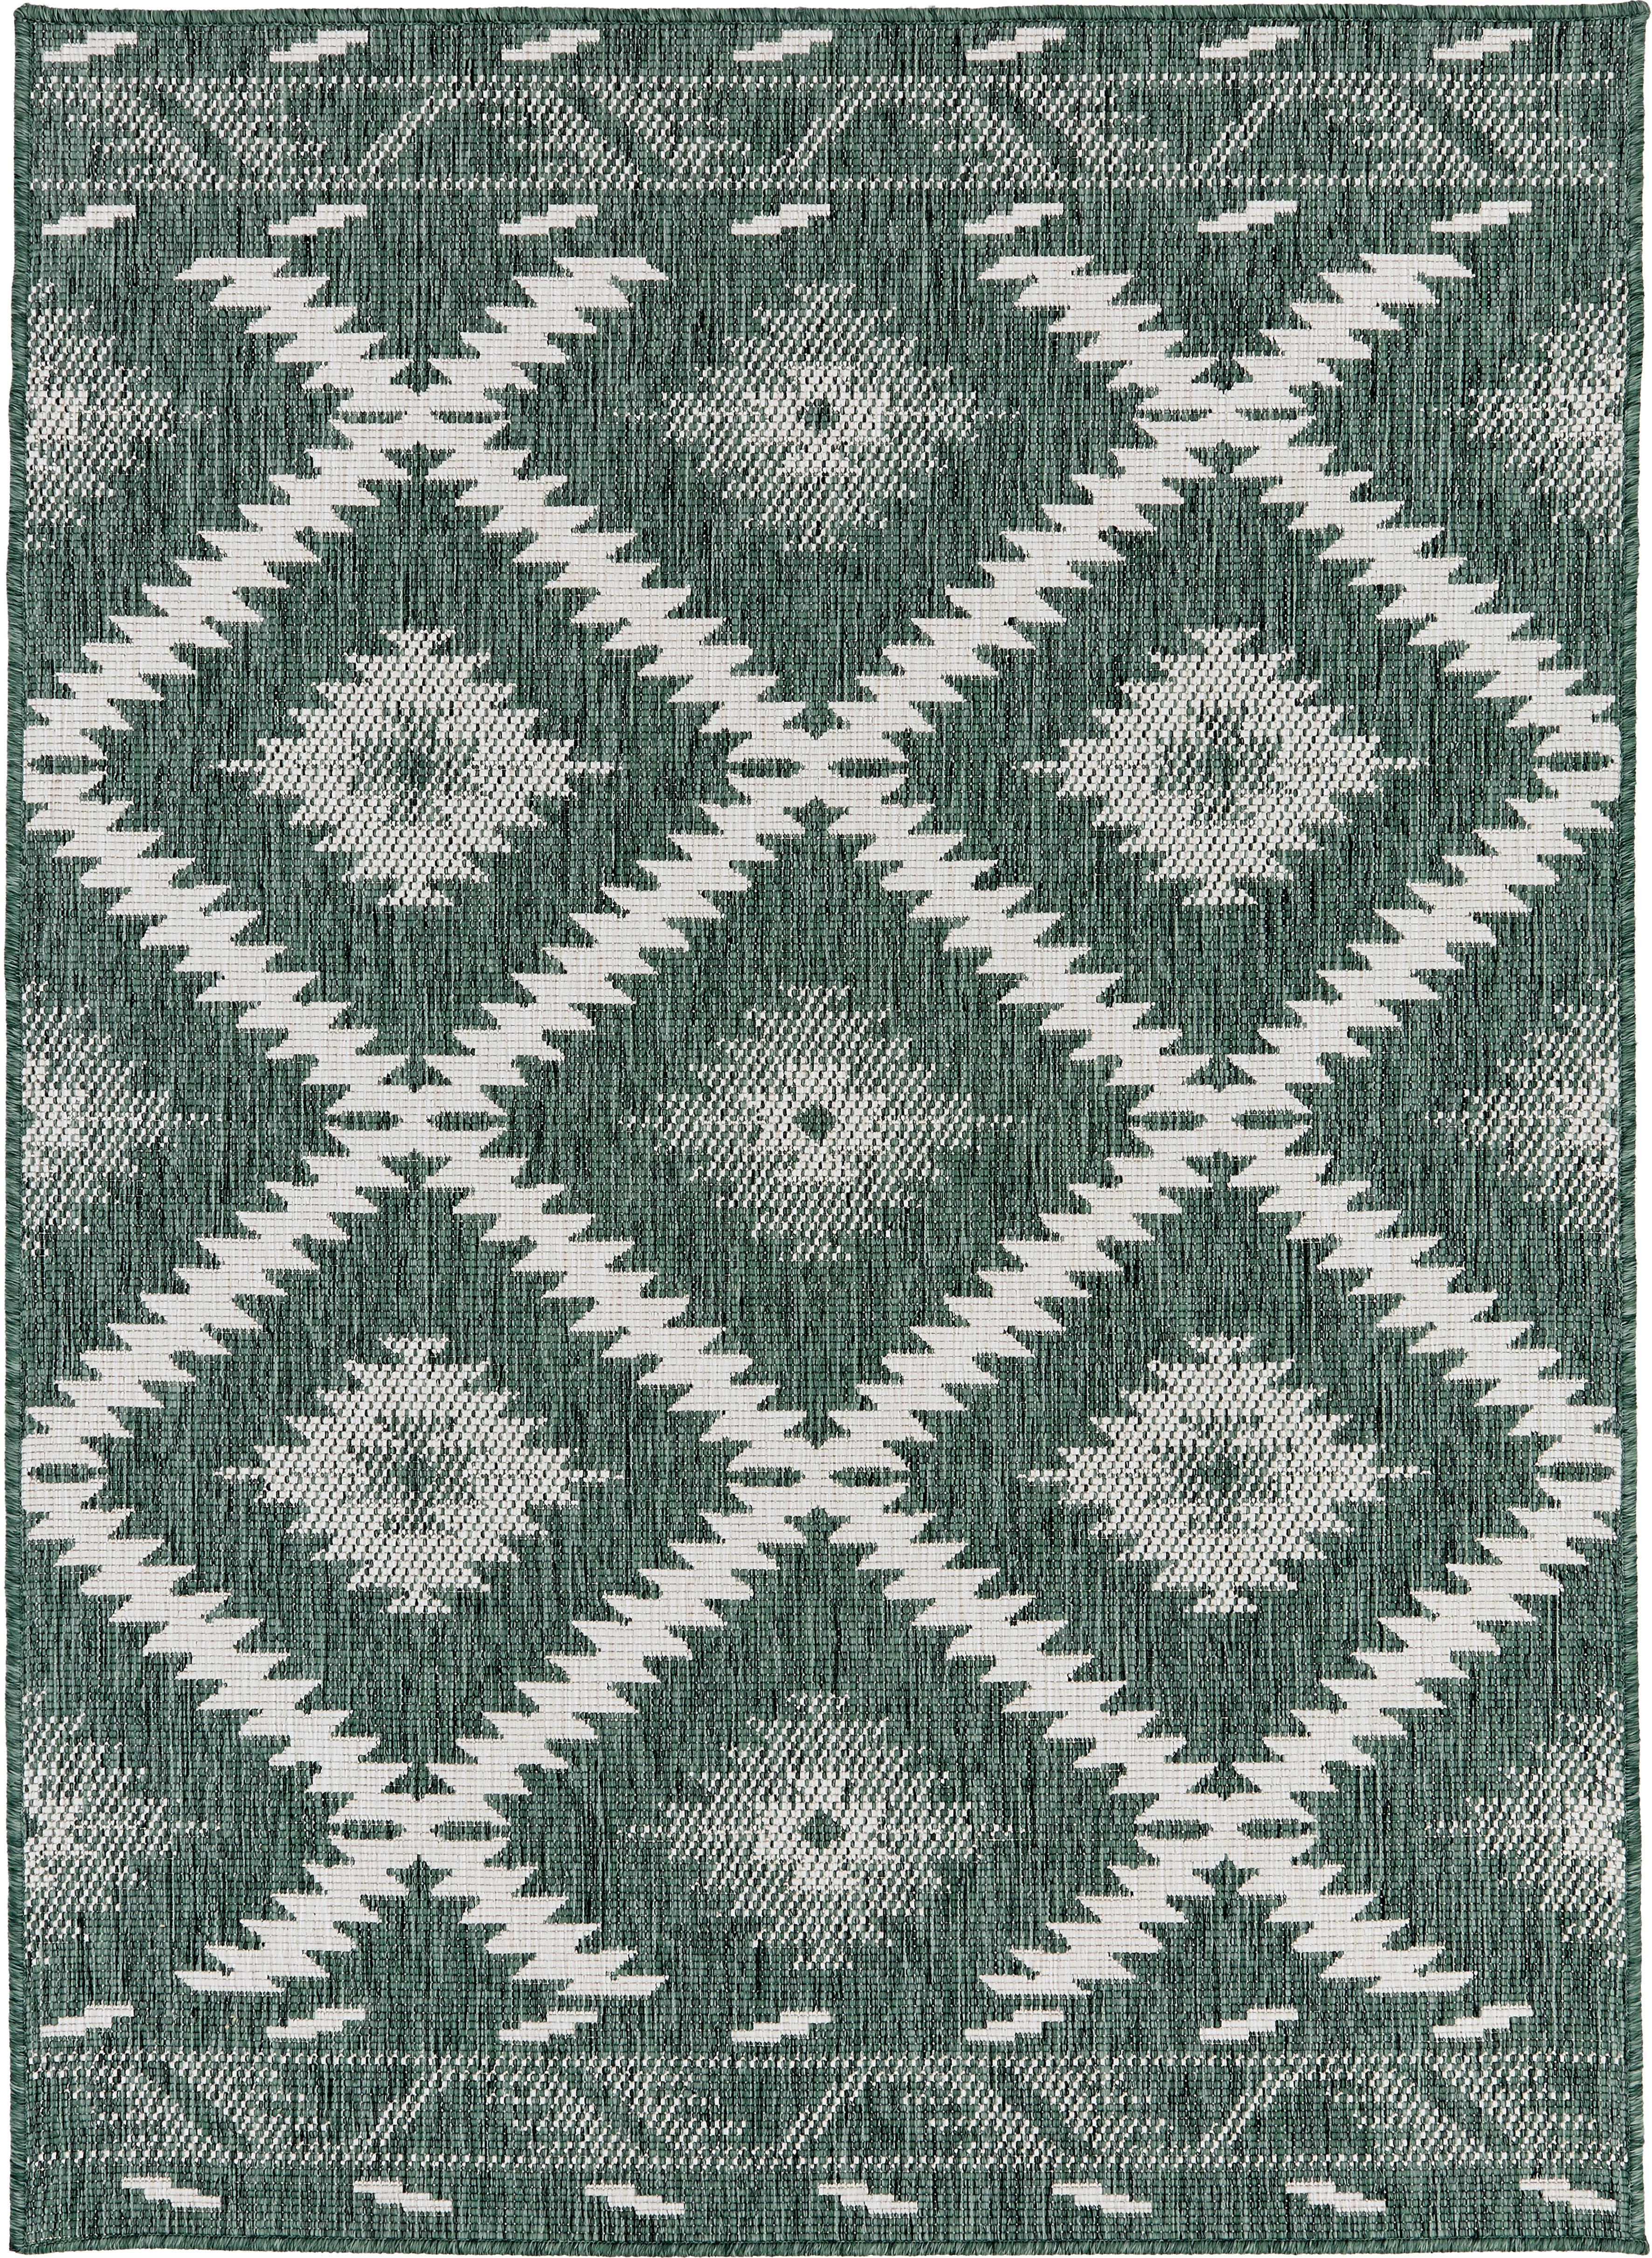 Dwustronny dywan wewnętrzny/zewnętrzny Malibu, Zielony, kremowy, S 120 x D 170 cm (Ø 40 S)